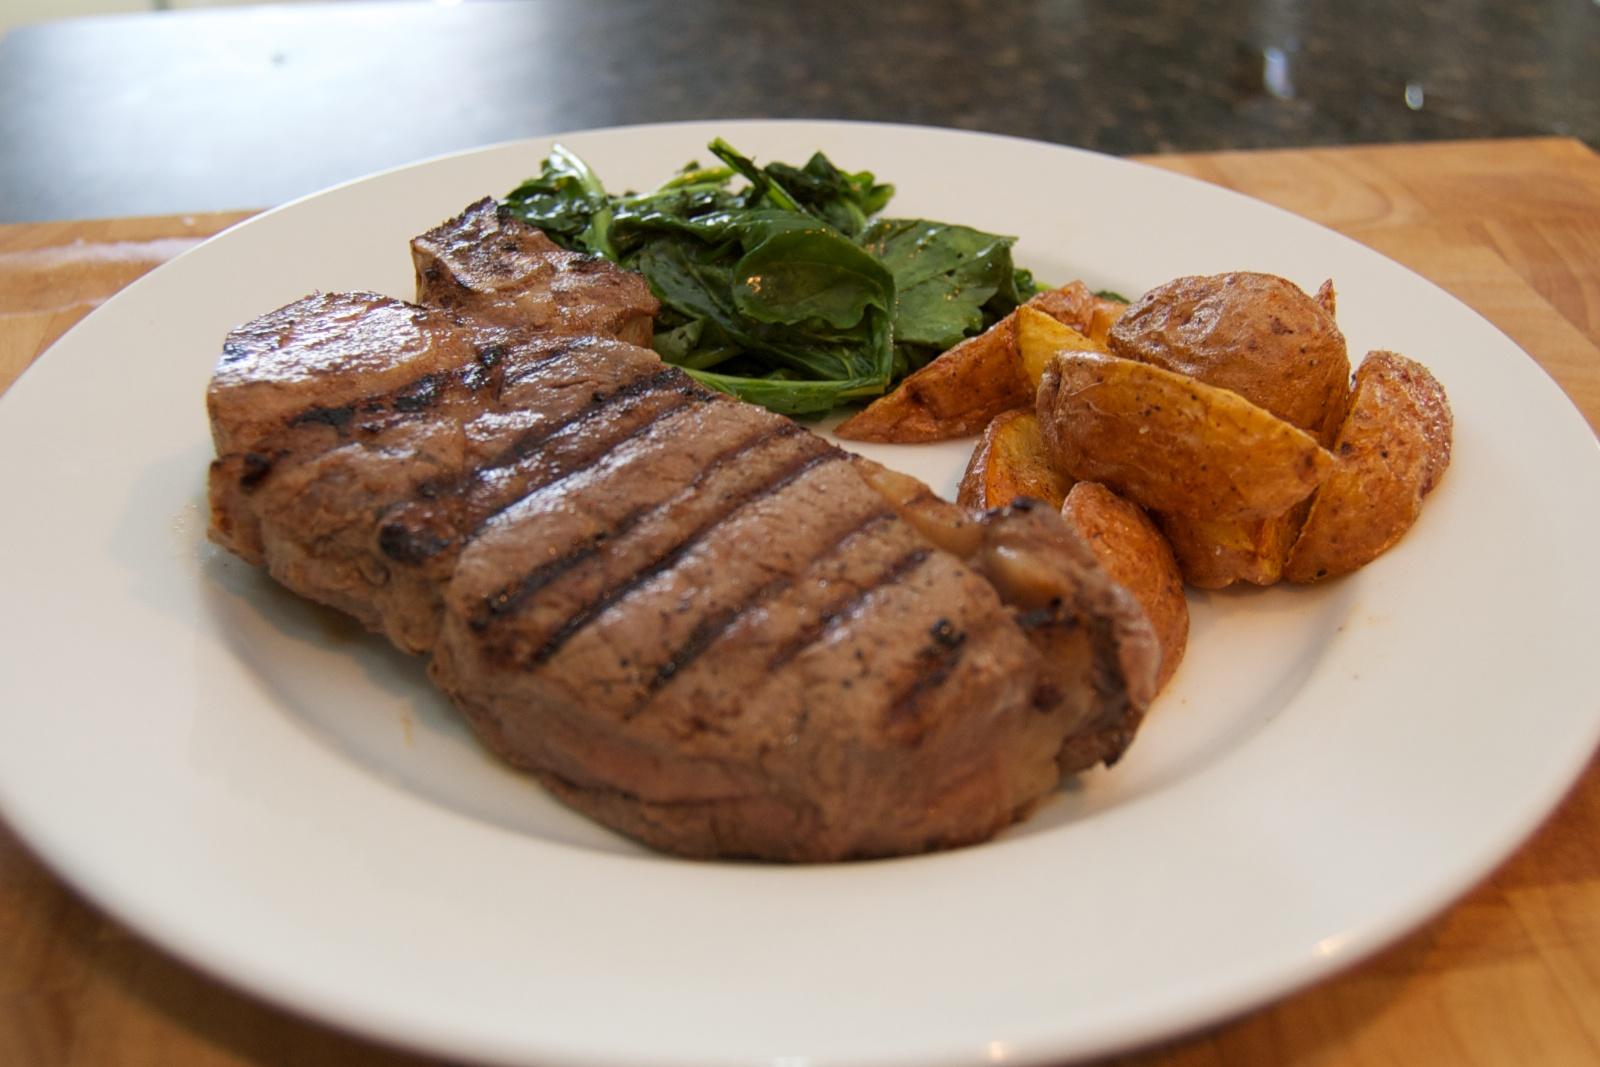 http://blog.rickk.com/food/2010/08/13/steakfriesarugula.jpg